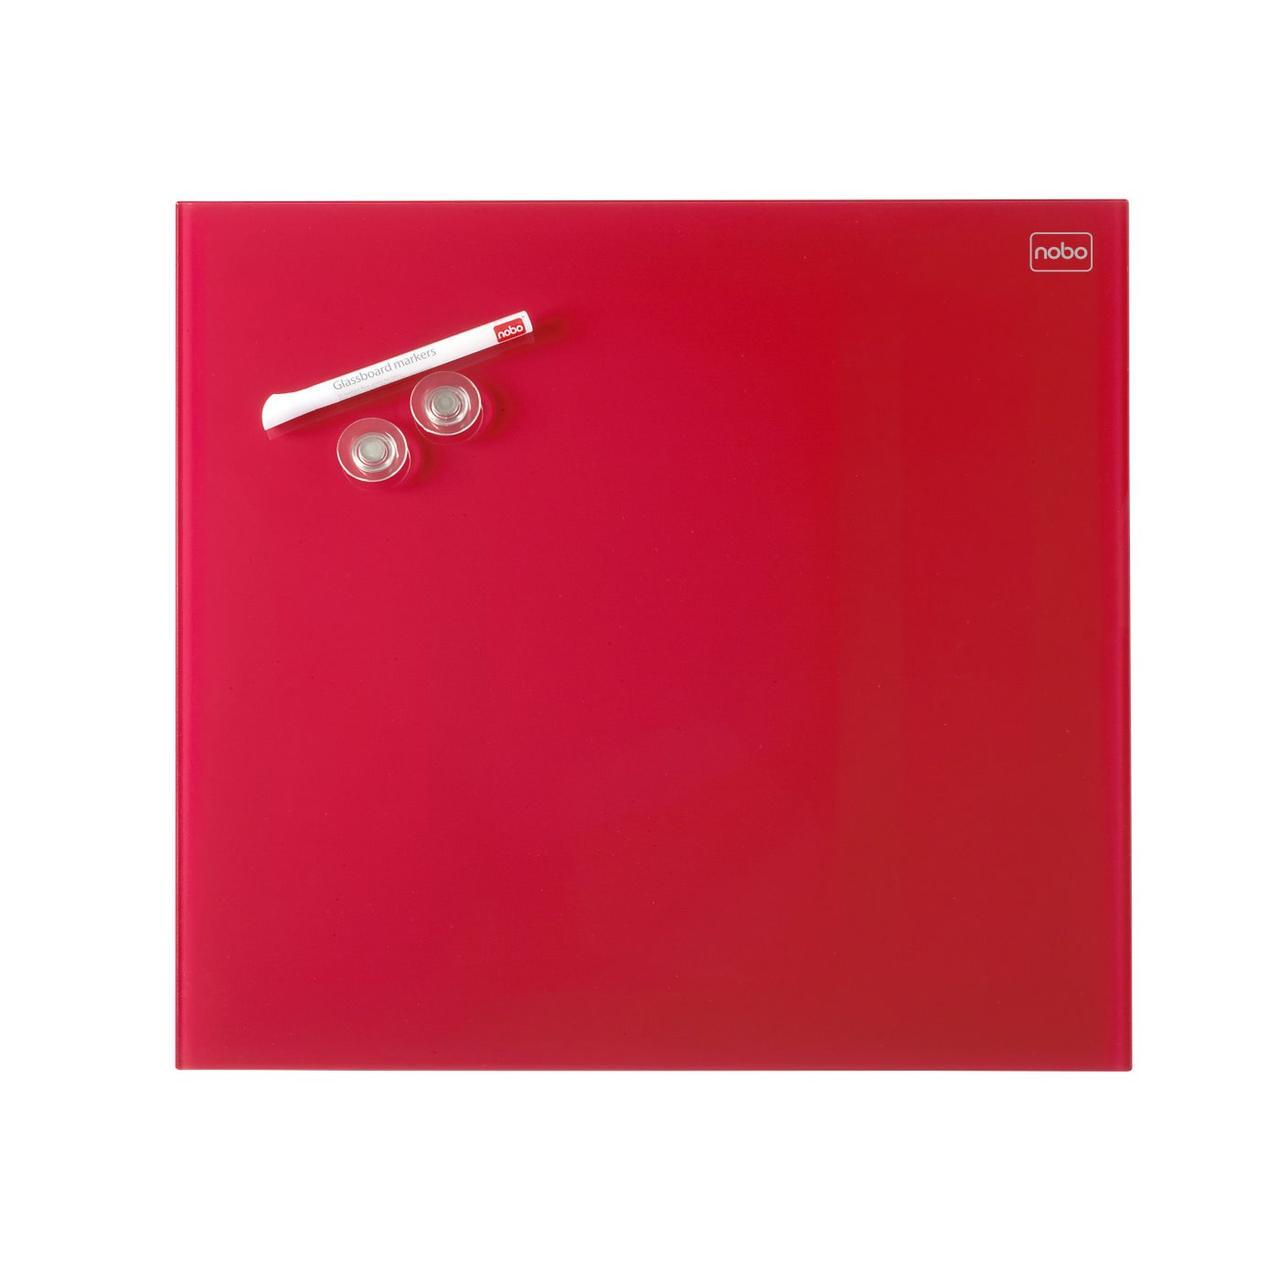 Стеклянная магнитно-маркерная доска Nobo Diamond 300х300мм, красная (1903954)